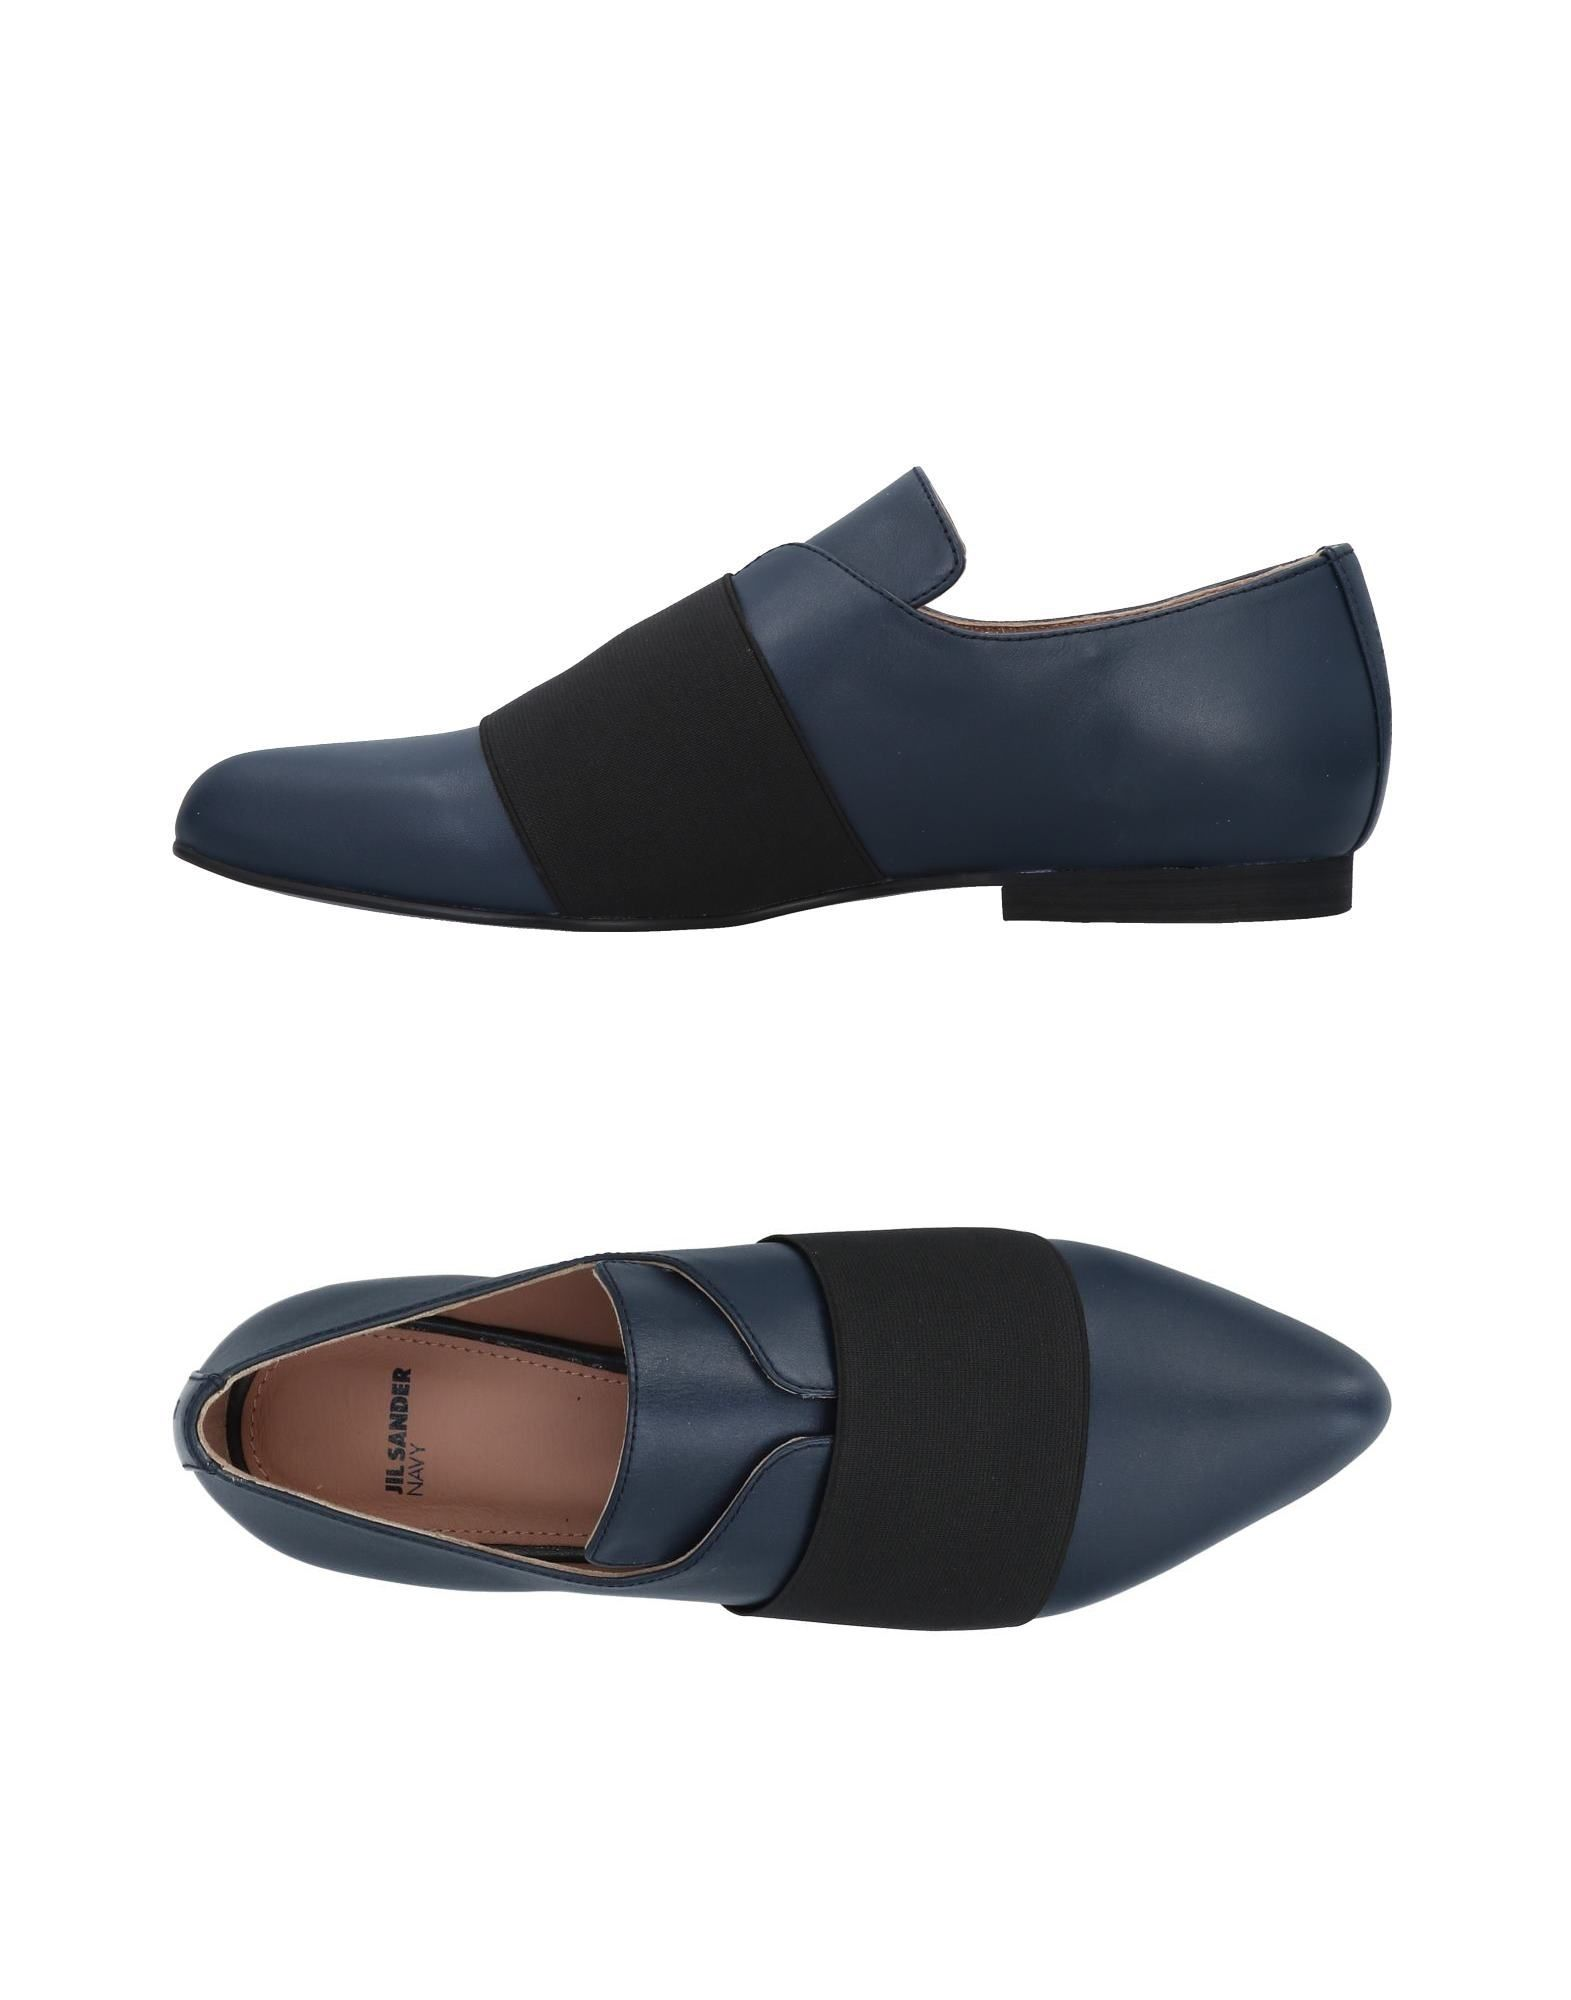 Zapatos zapatos de mujer baratos zapatos Zapatos de mujer Mocasín Jil Sander Navy Mujer - Mocasines Jil Sander Navy  Azul oscuro 0854f9